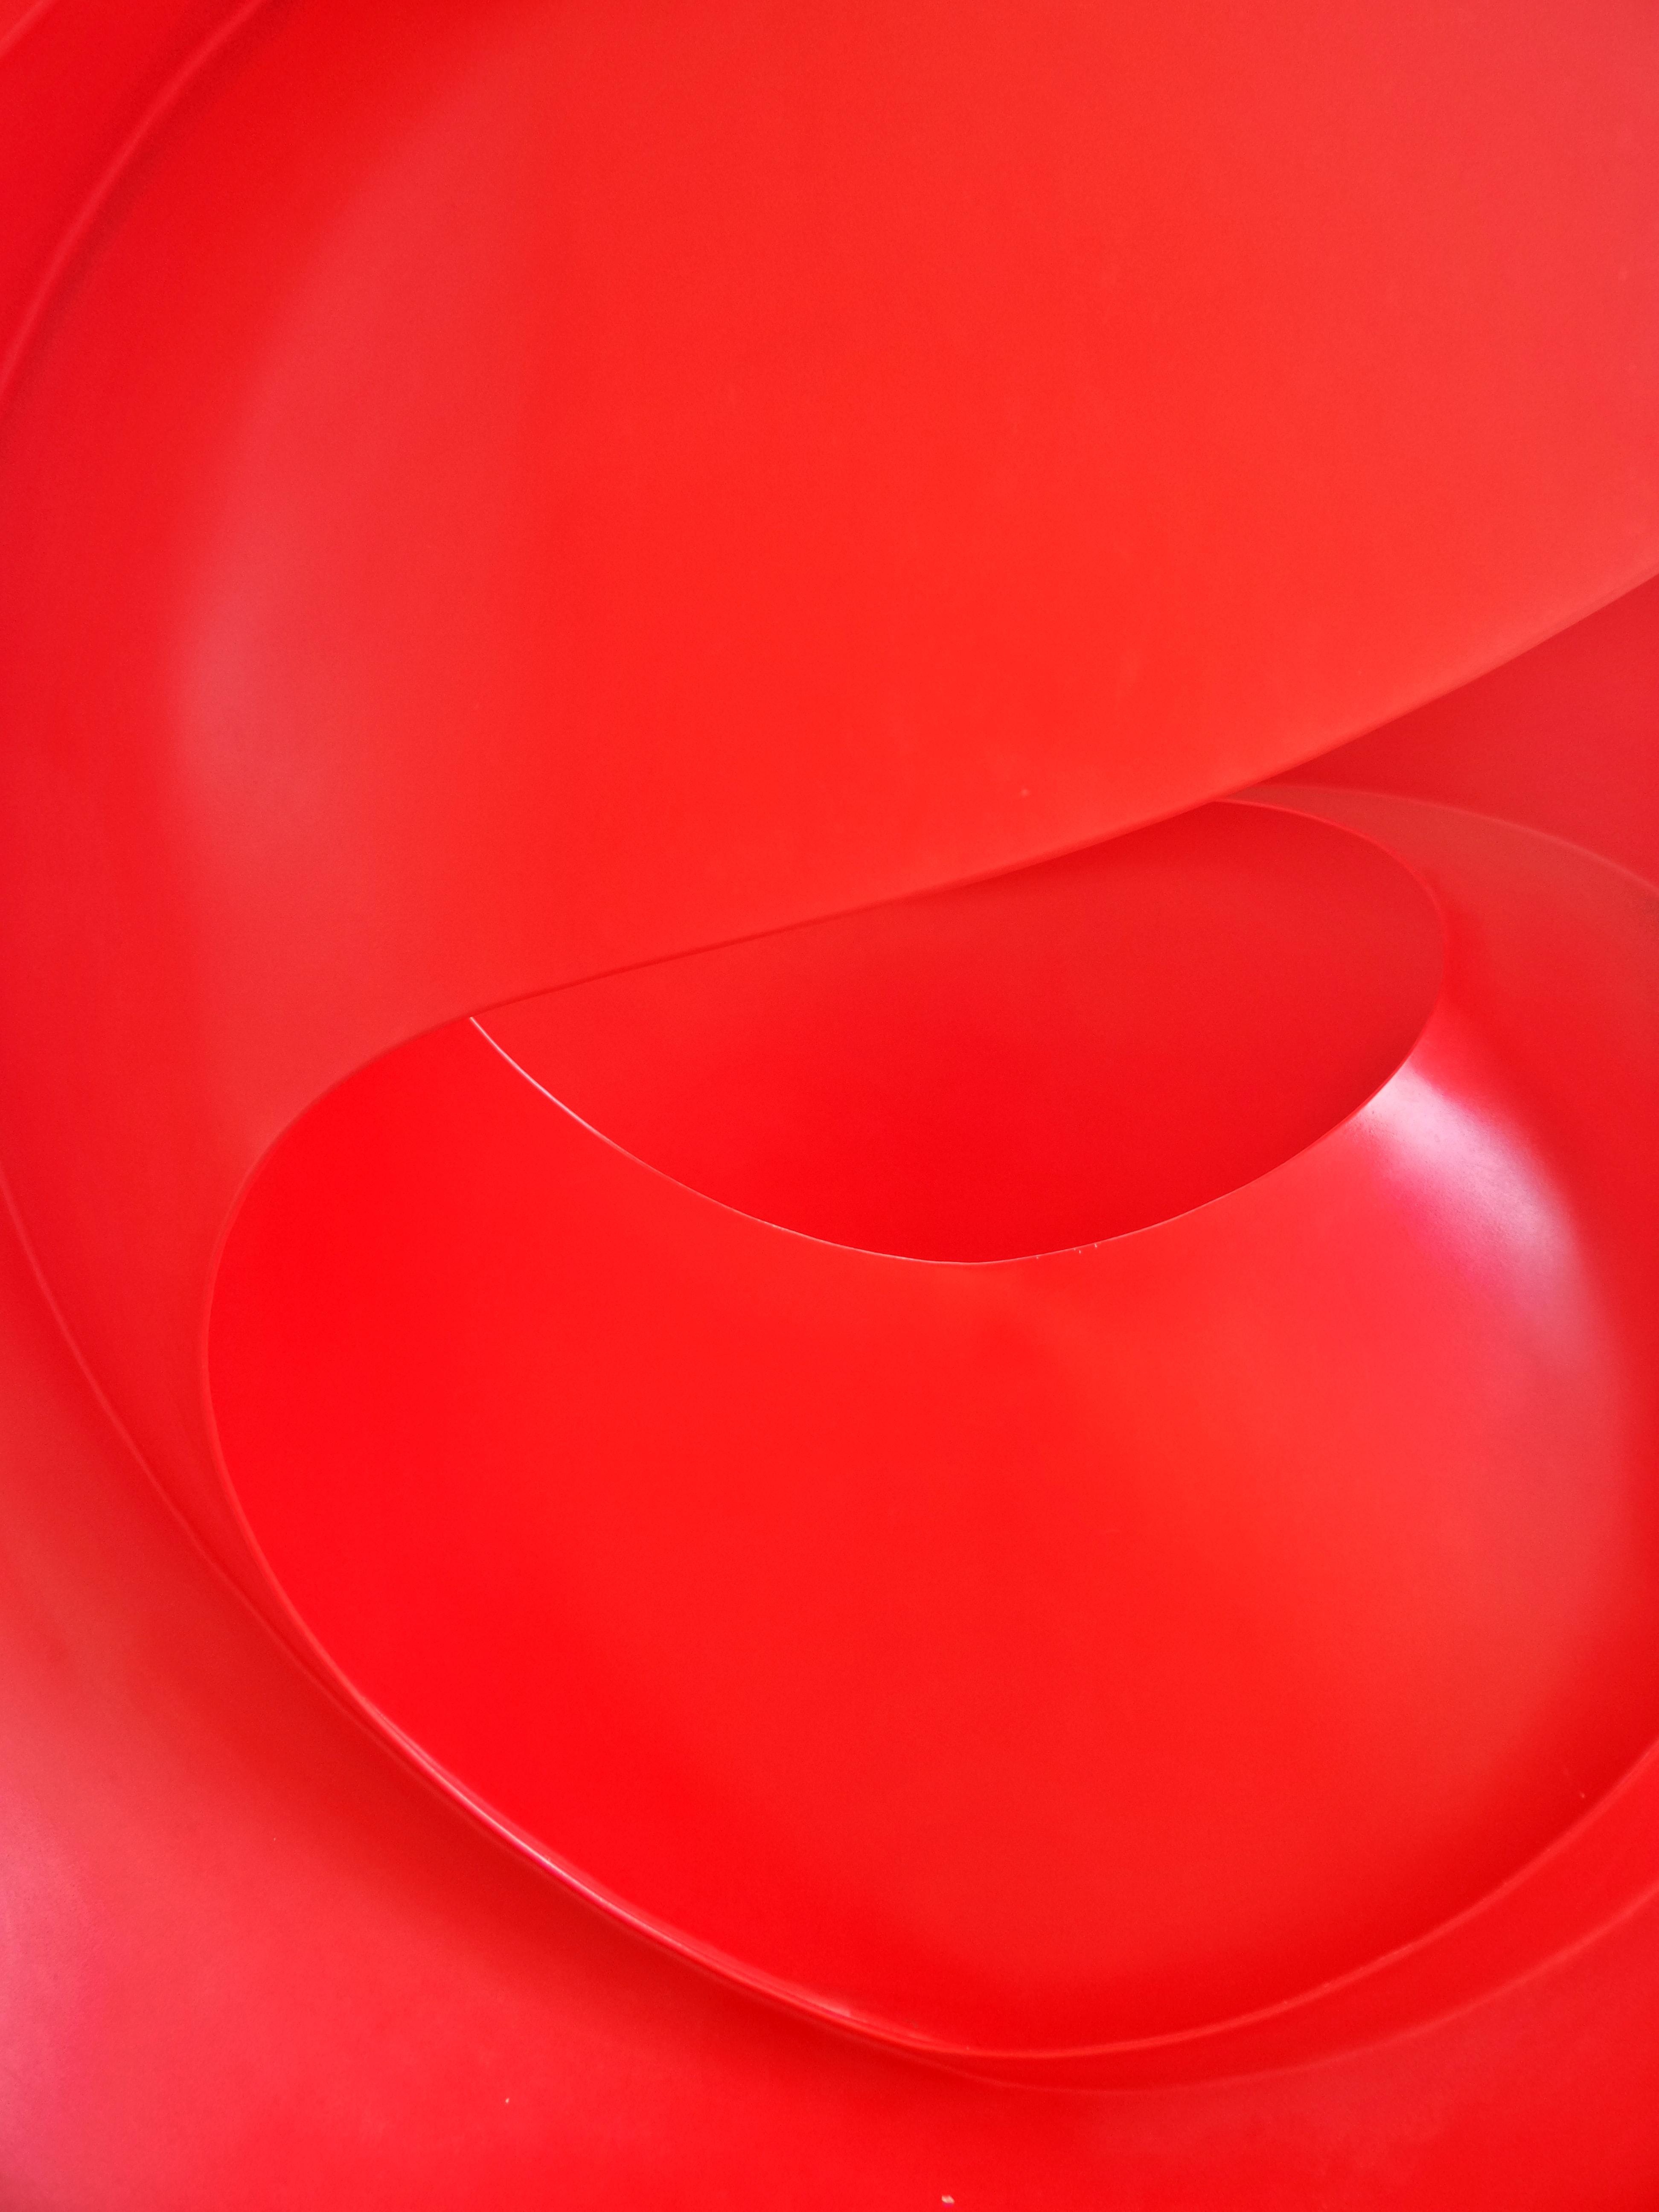 145213 скачать обои Линии, Макро, Красный, Текстура, Текстуры, Поверхность, Пластик - заставки и картинки бесплатно